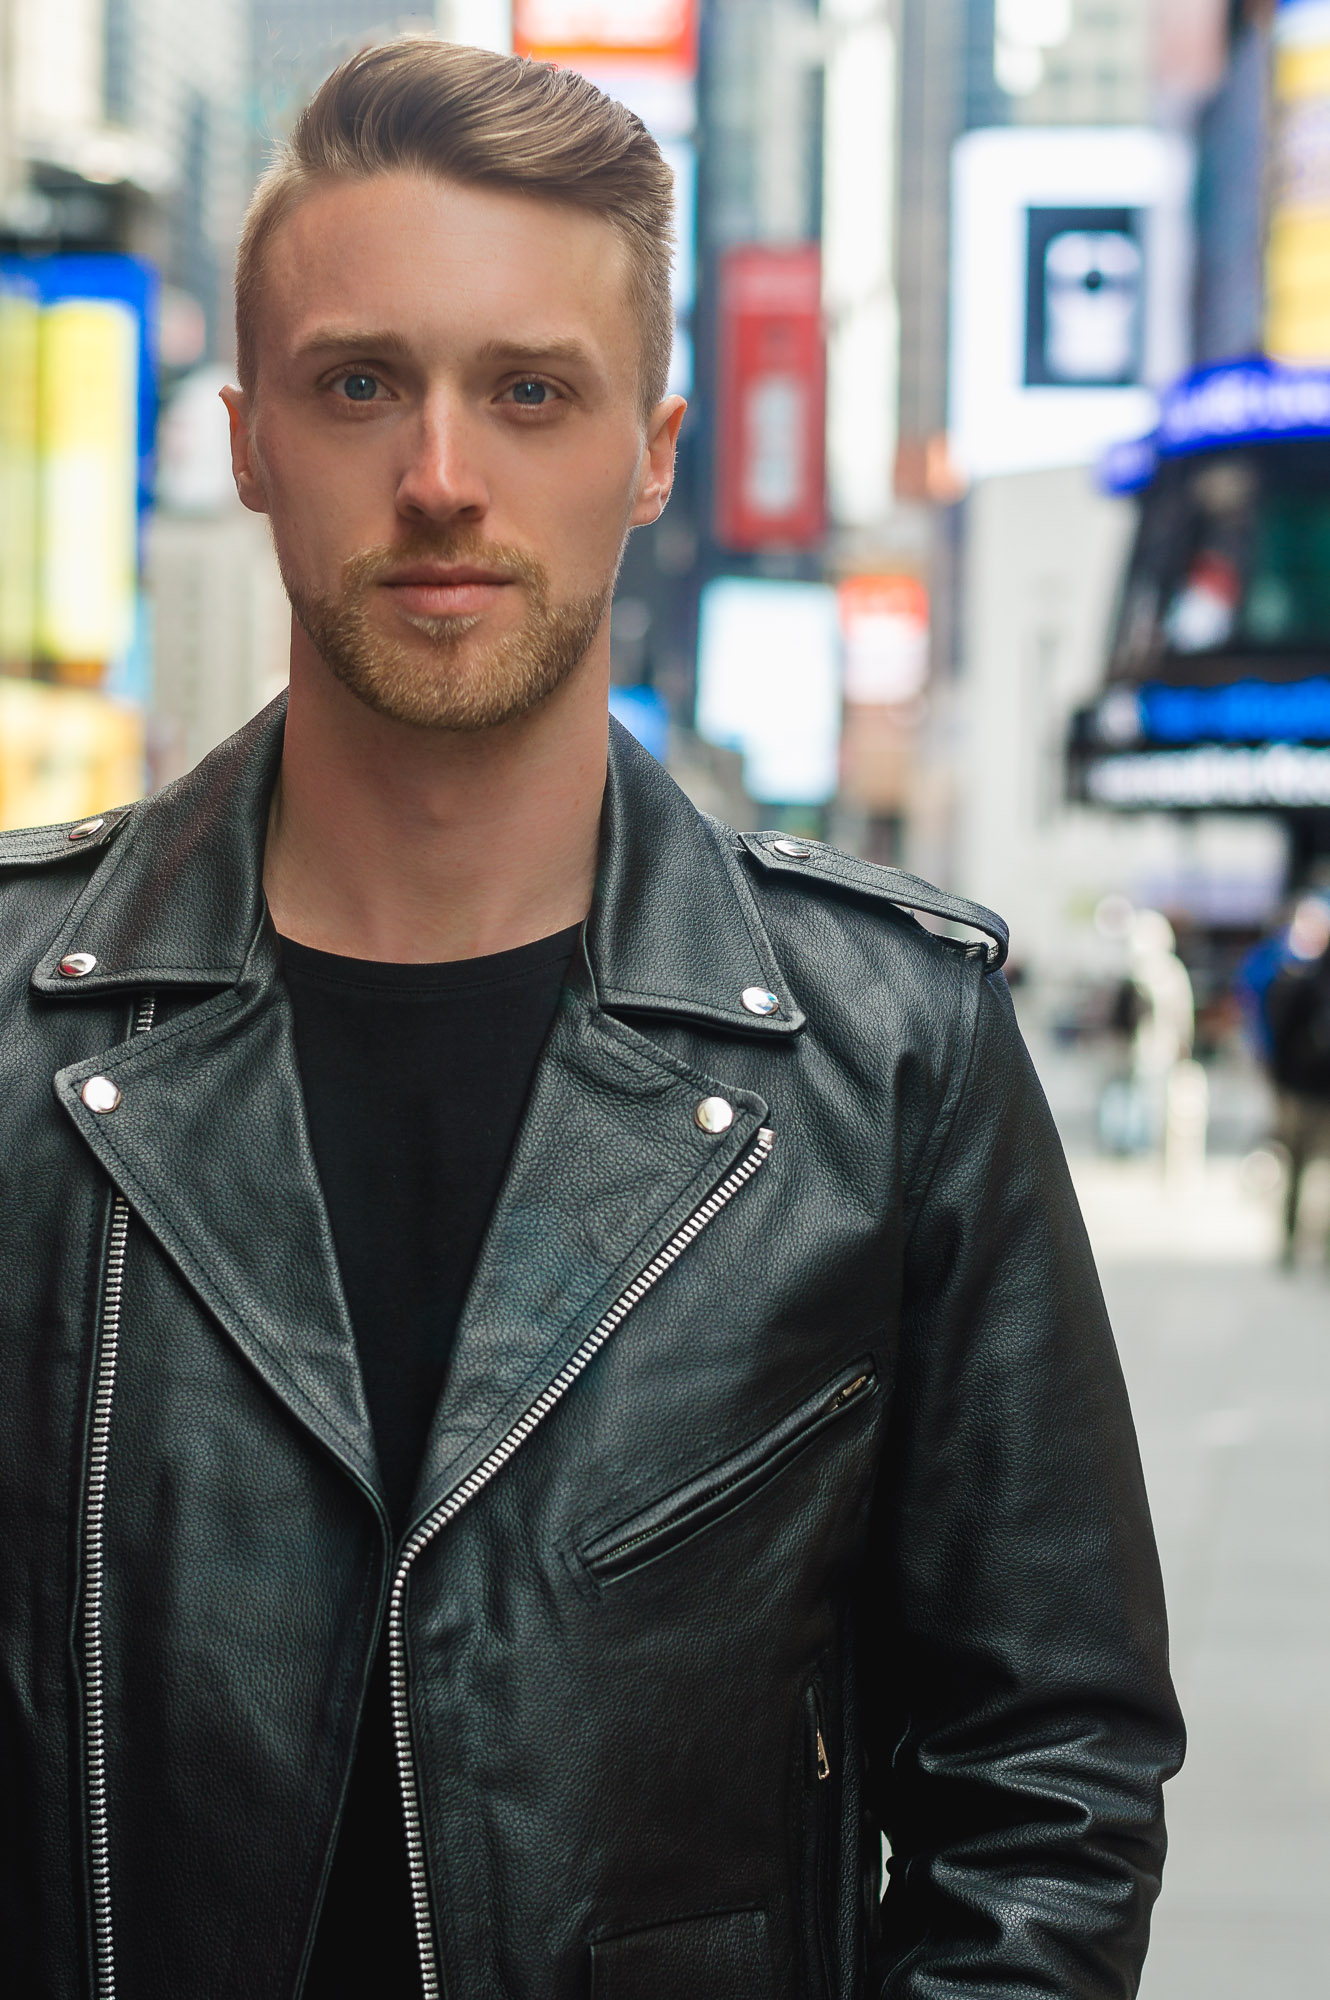 Reclaimed Vintage Inspired Leather Biker Jacket ASOS